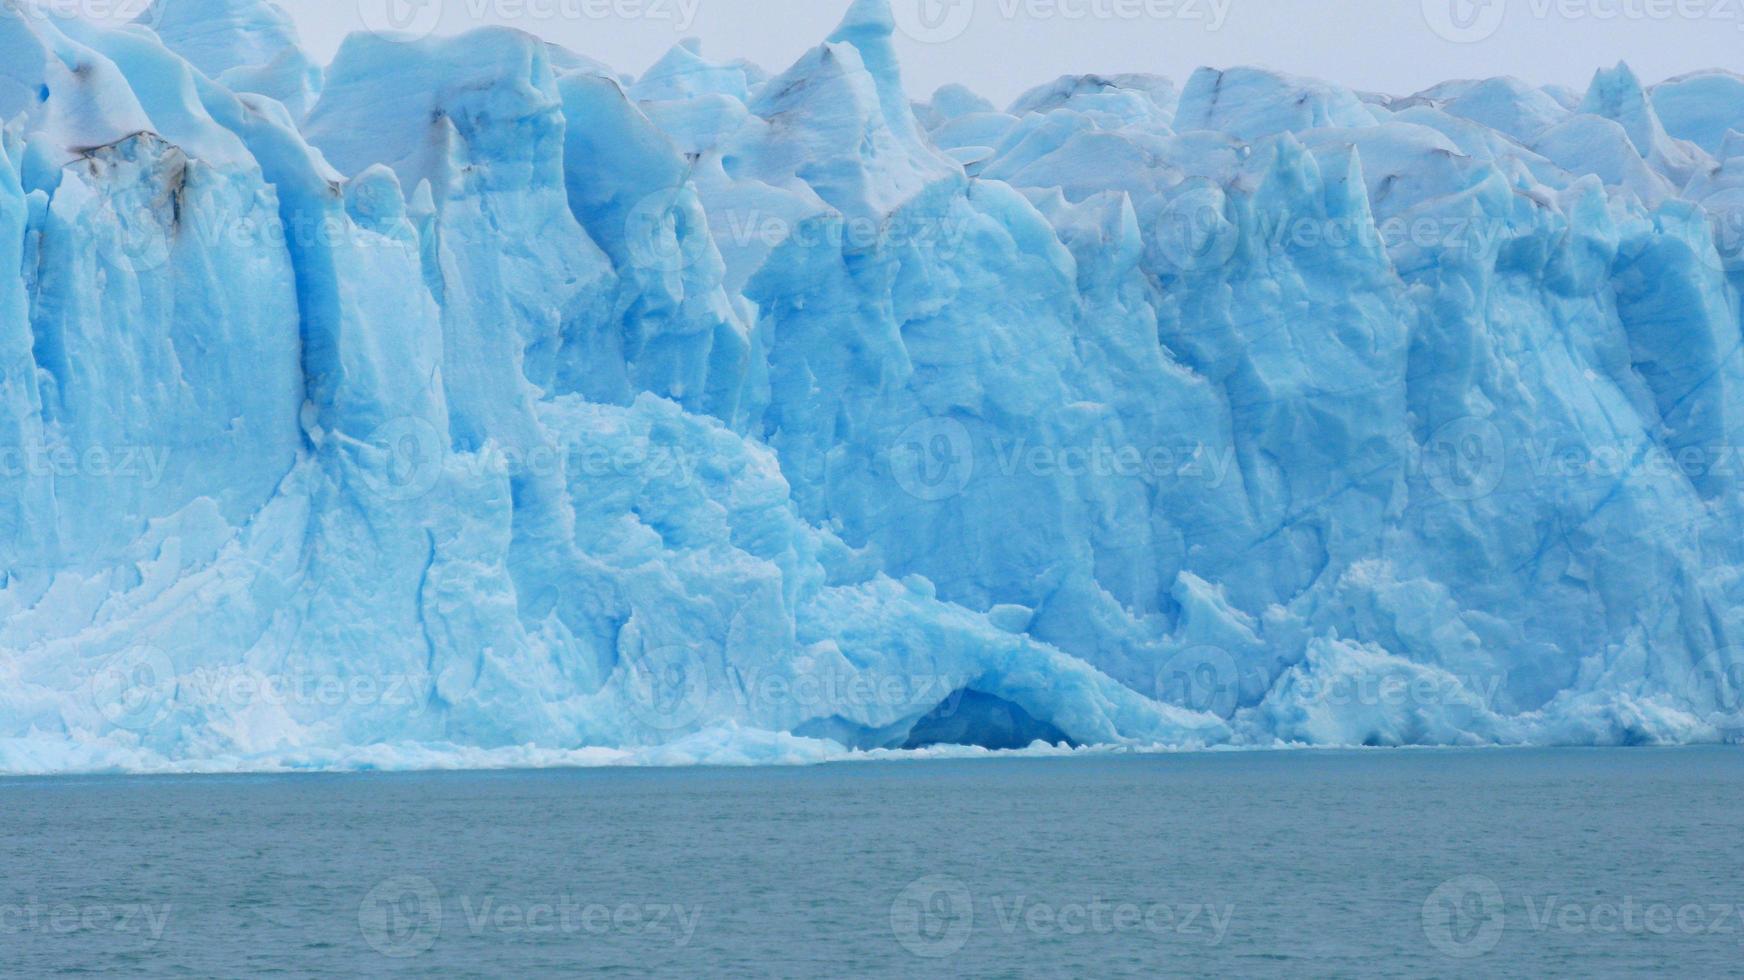 cueva de hielo foto